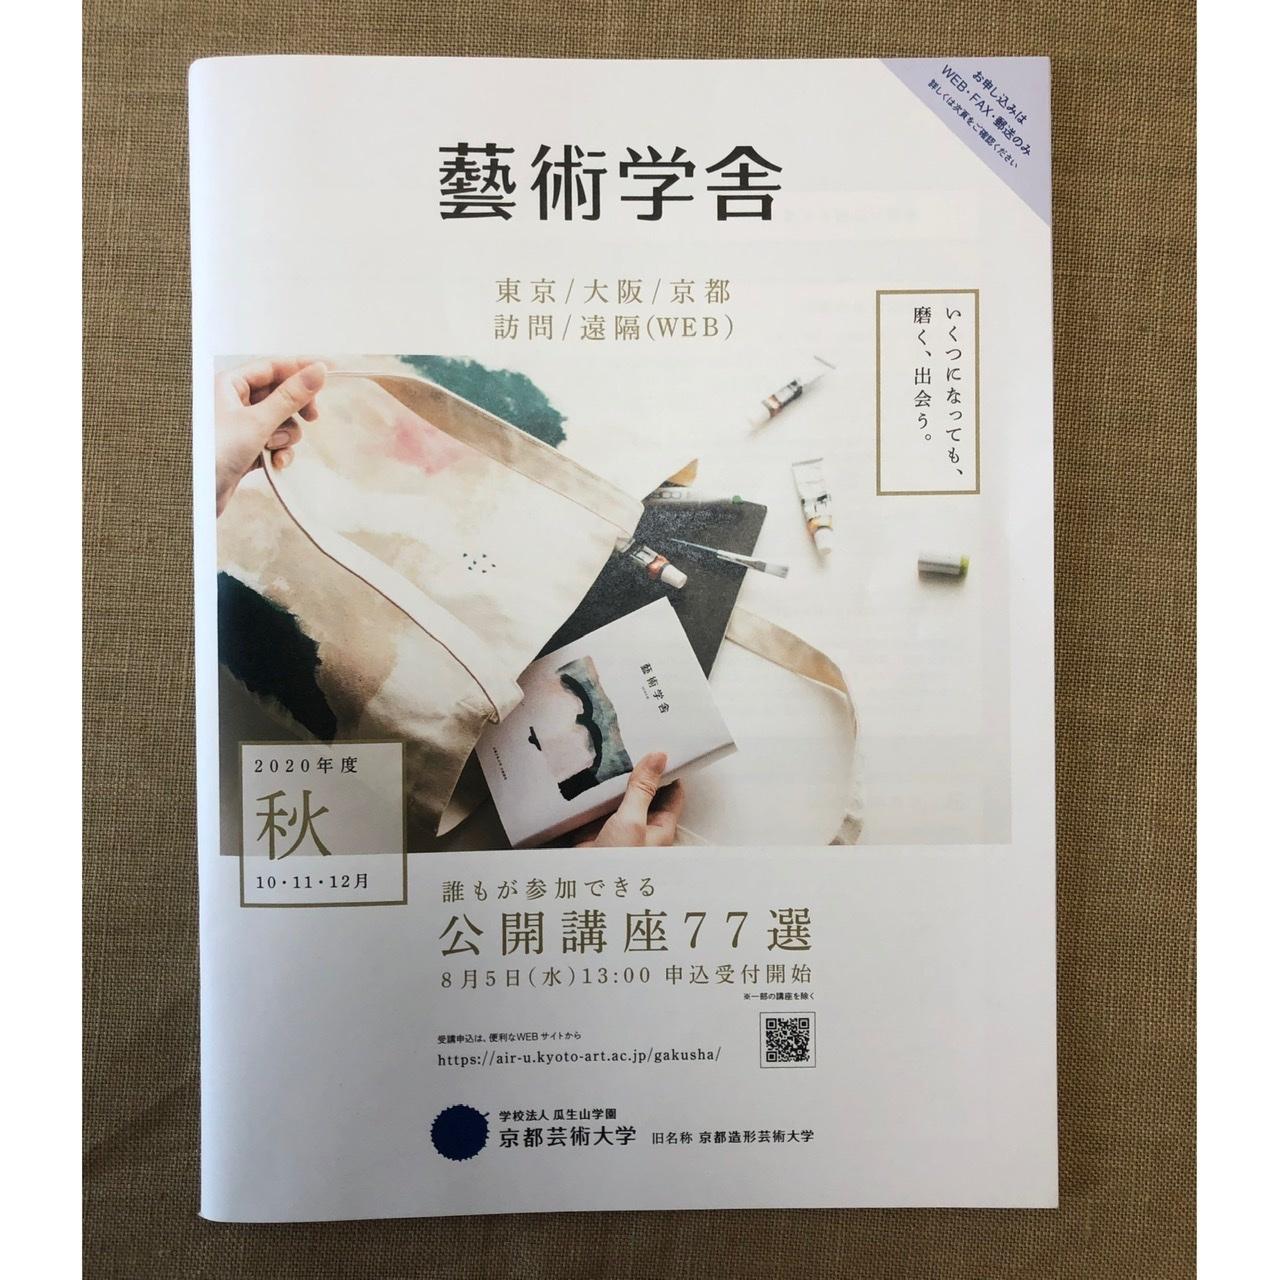 京都芸術大学の藝術学舎で講座しますよ🎶_a0079315_09350474.jpeg